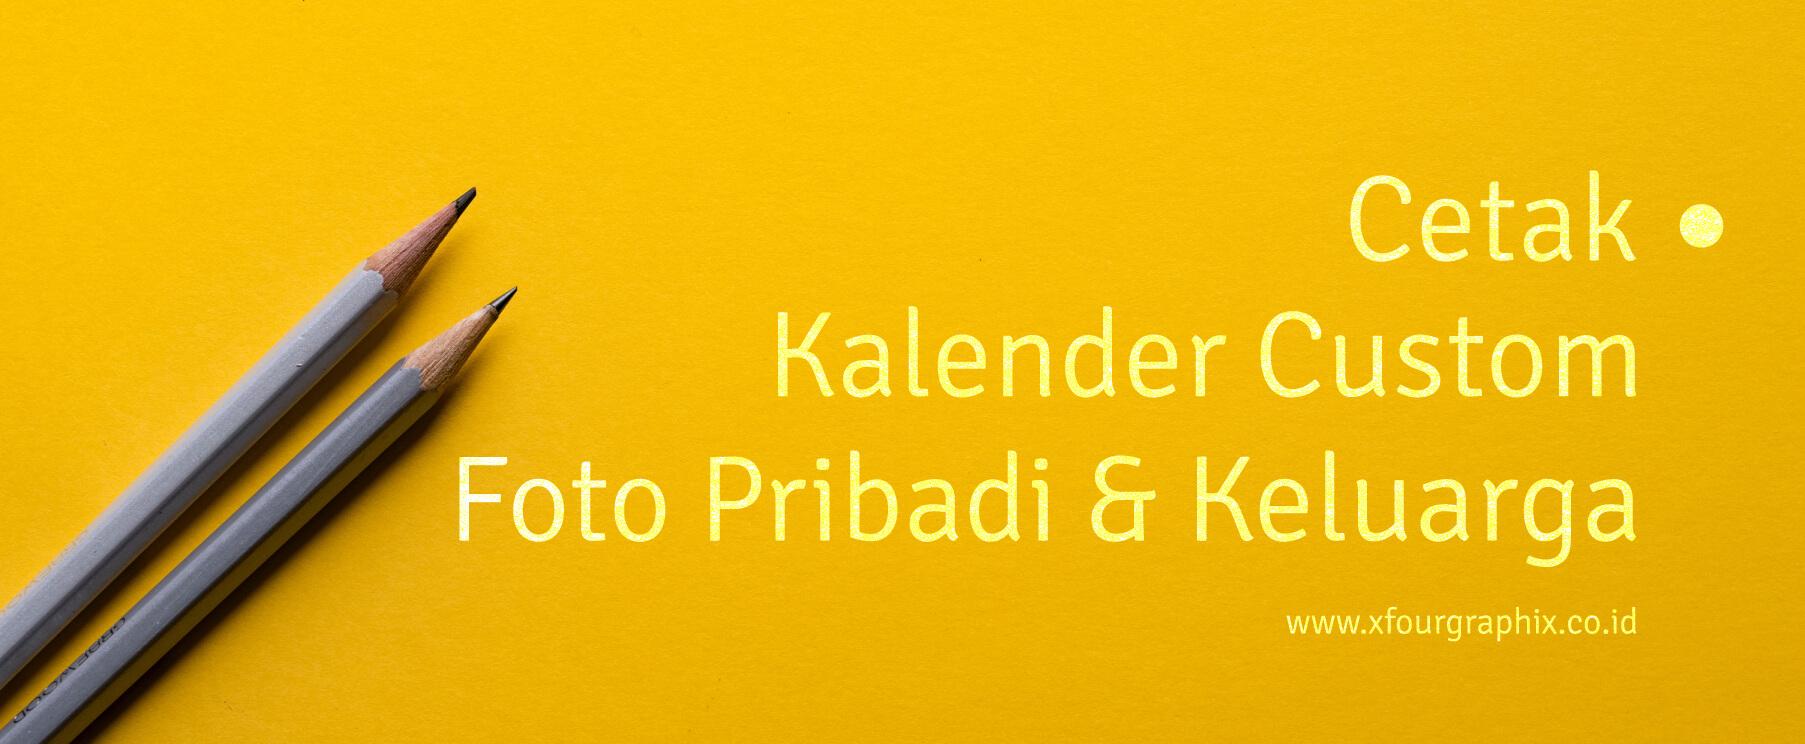 CETAK-KALENDER-CUSTOM-FOTO-PRIBADI-DAN-KELUARGA